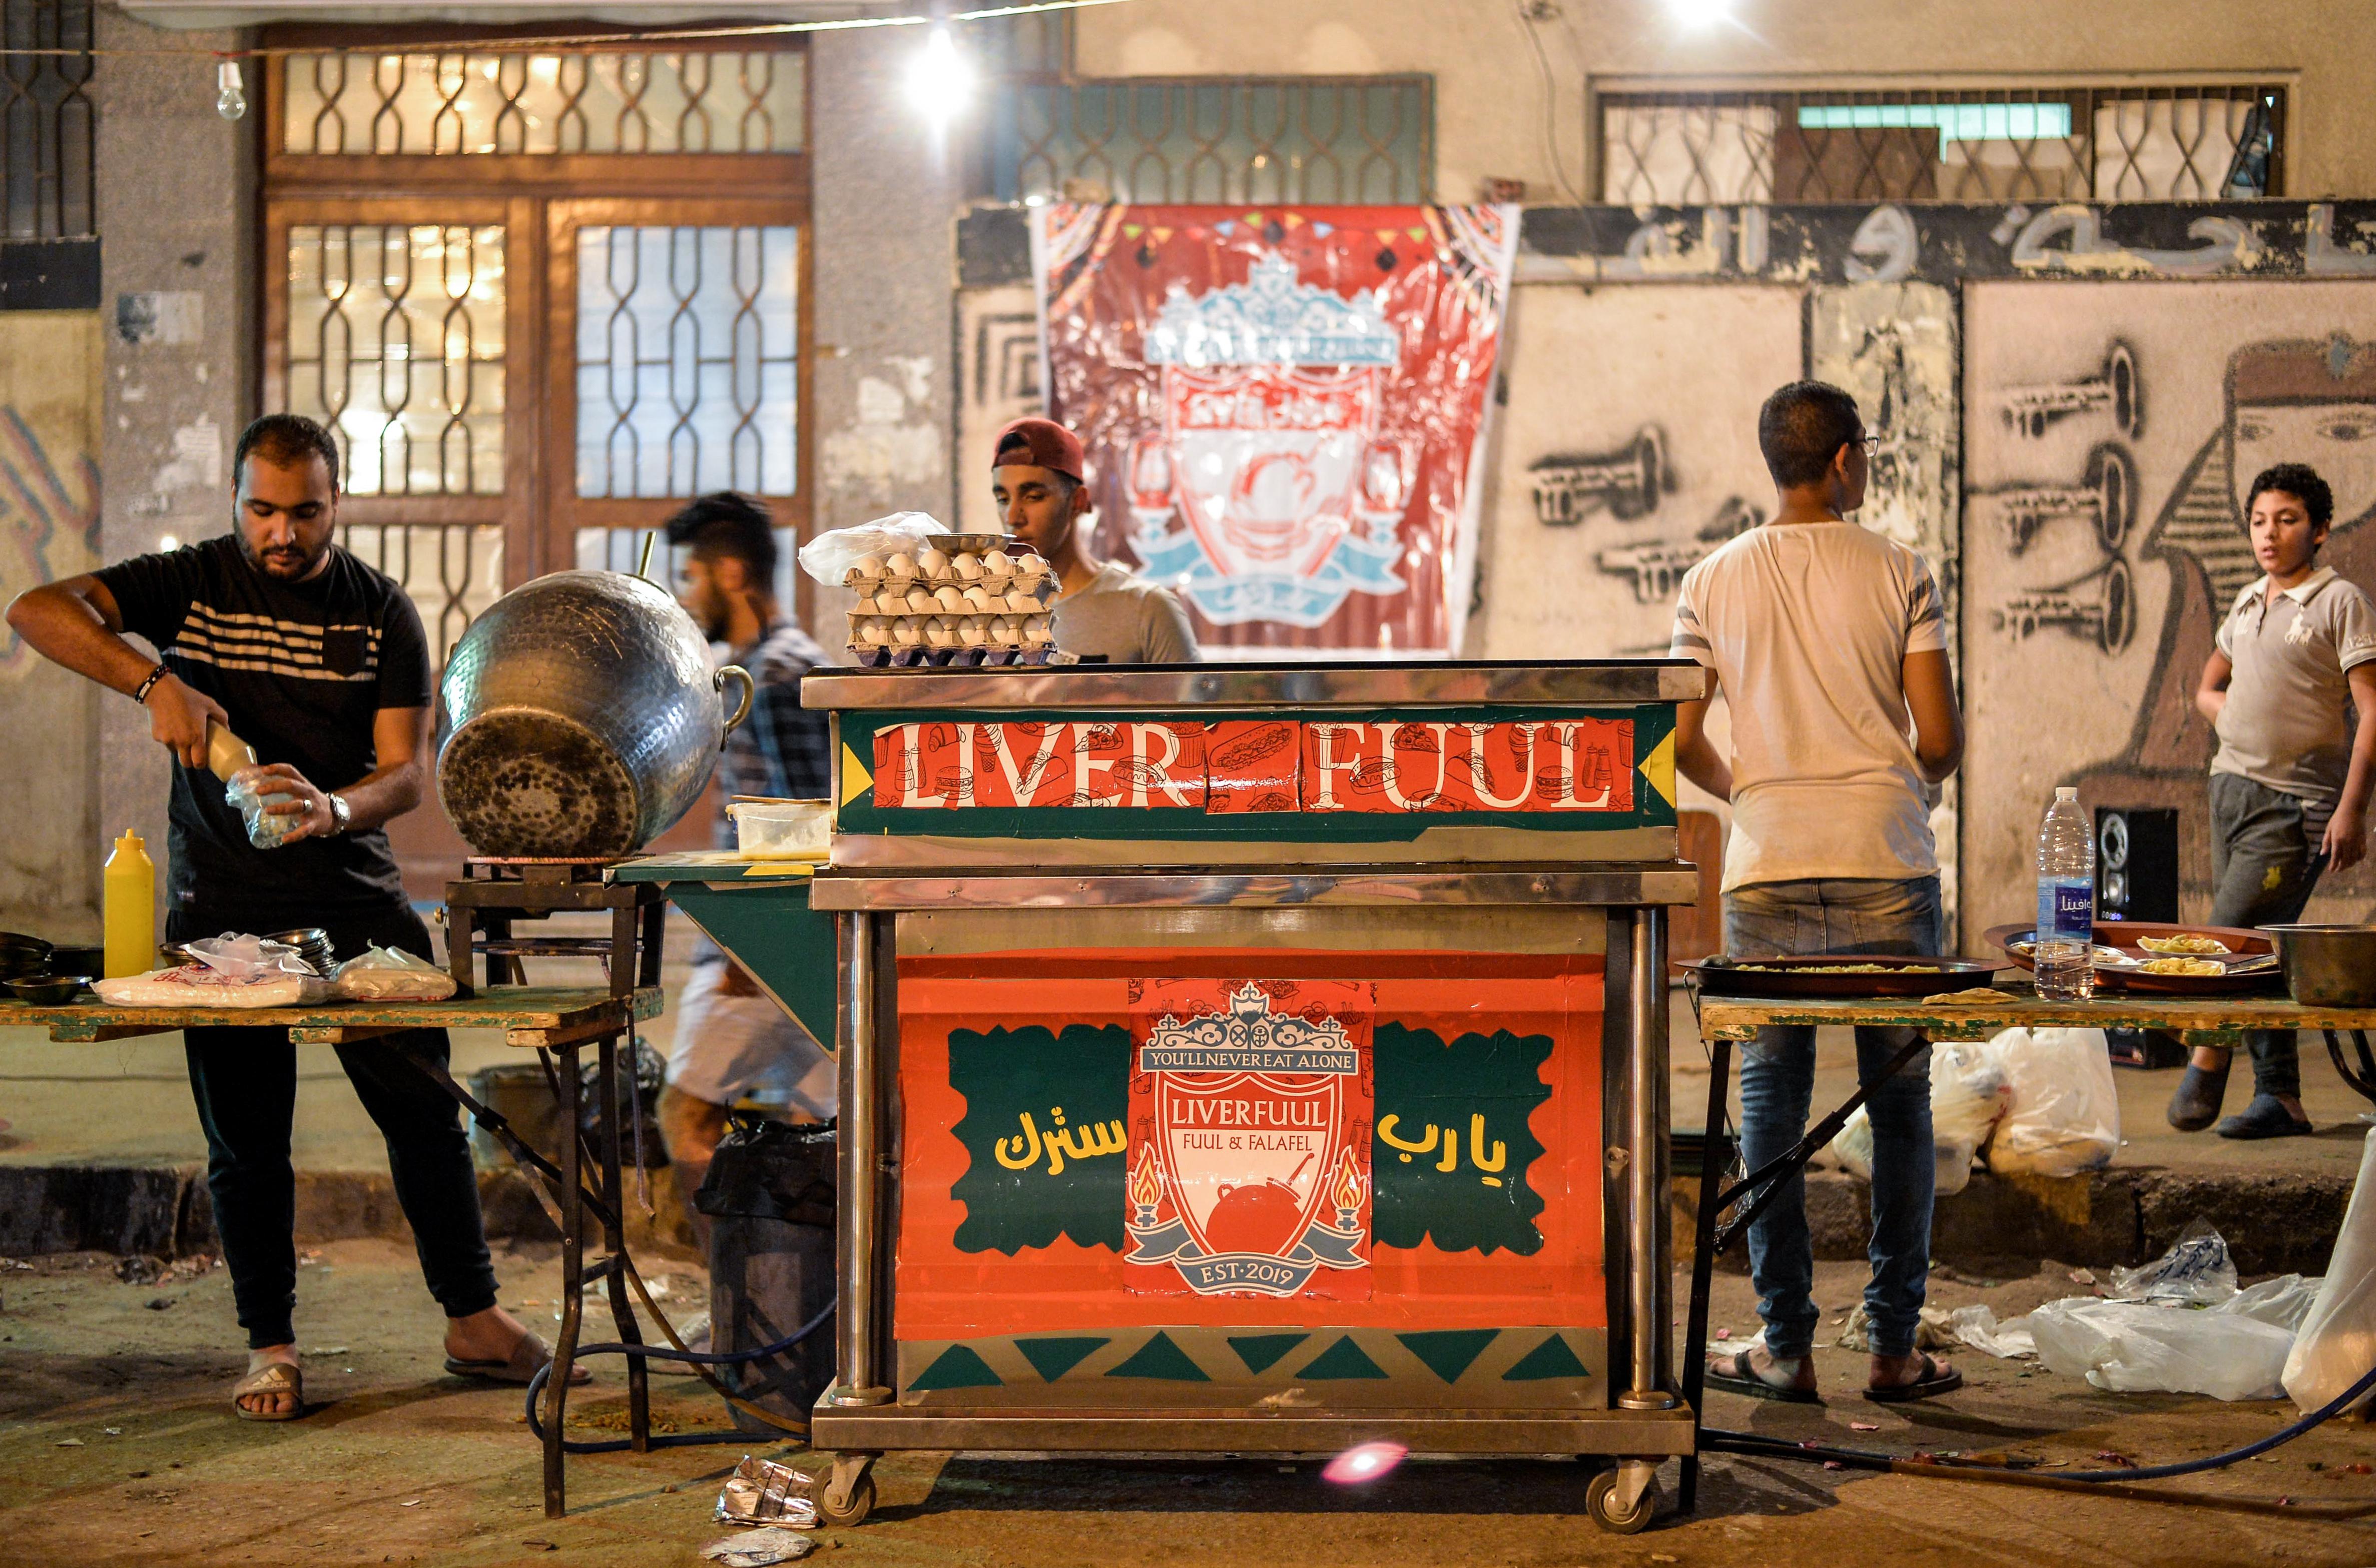 عربة ليفرفول لبيع الطعام في منطقة عين شمس بالقاهرة